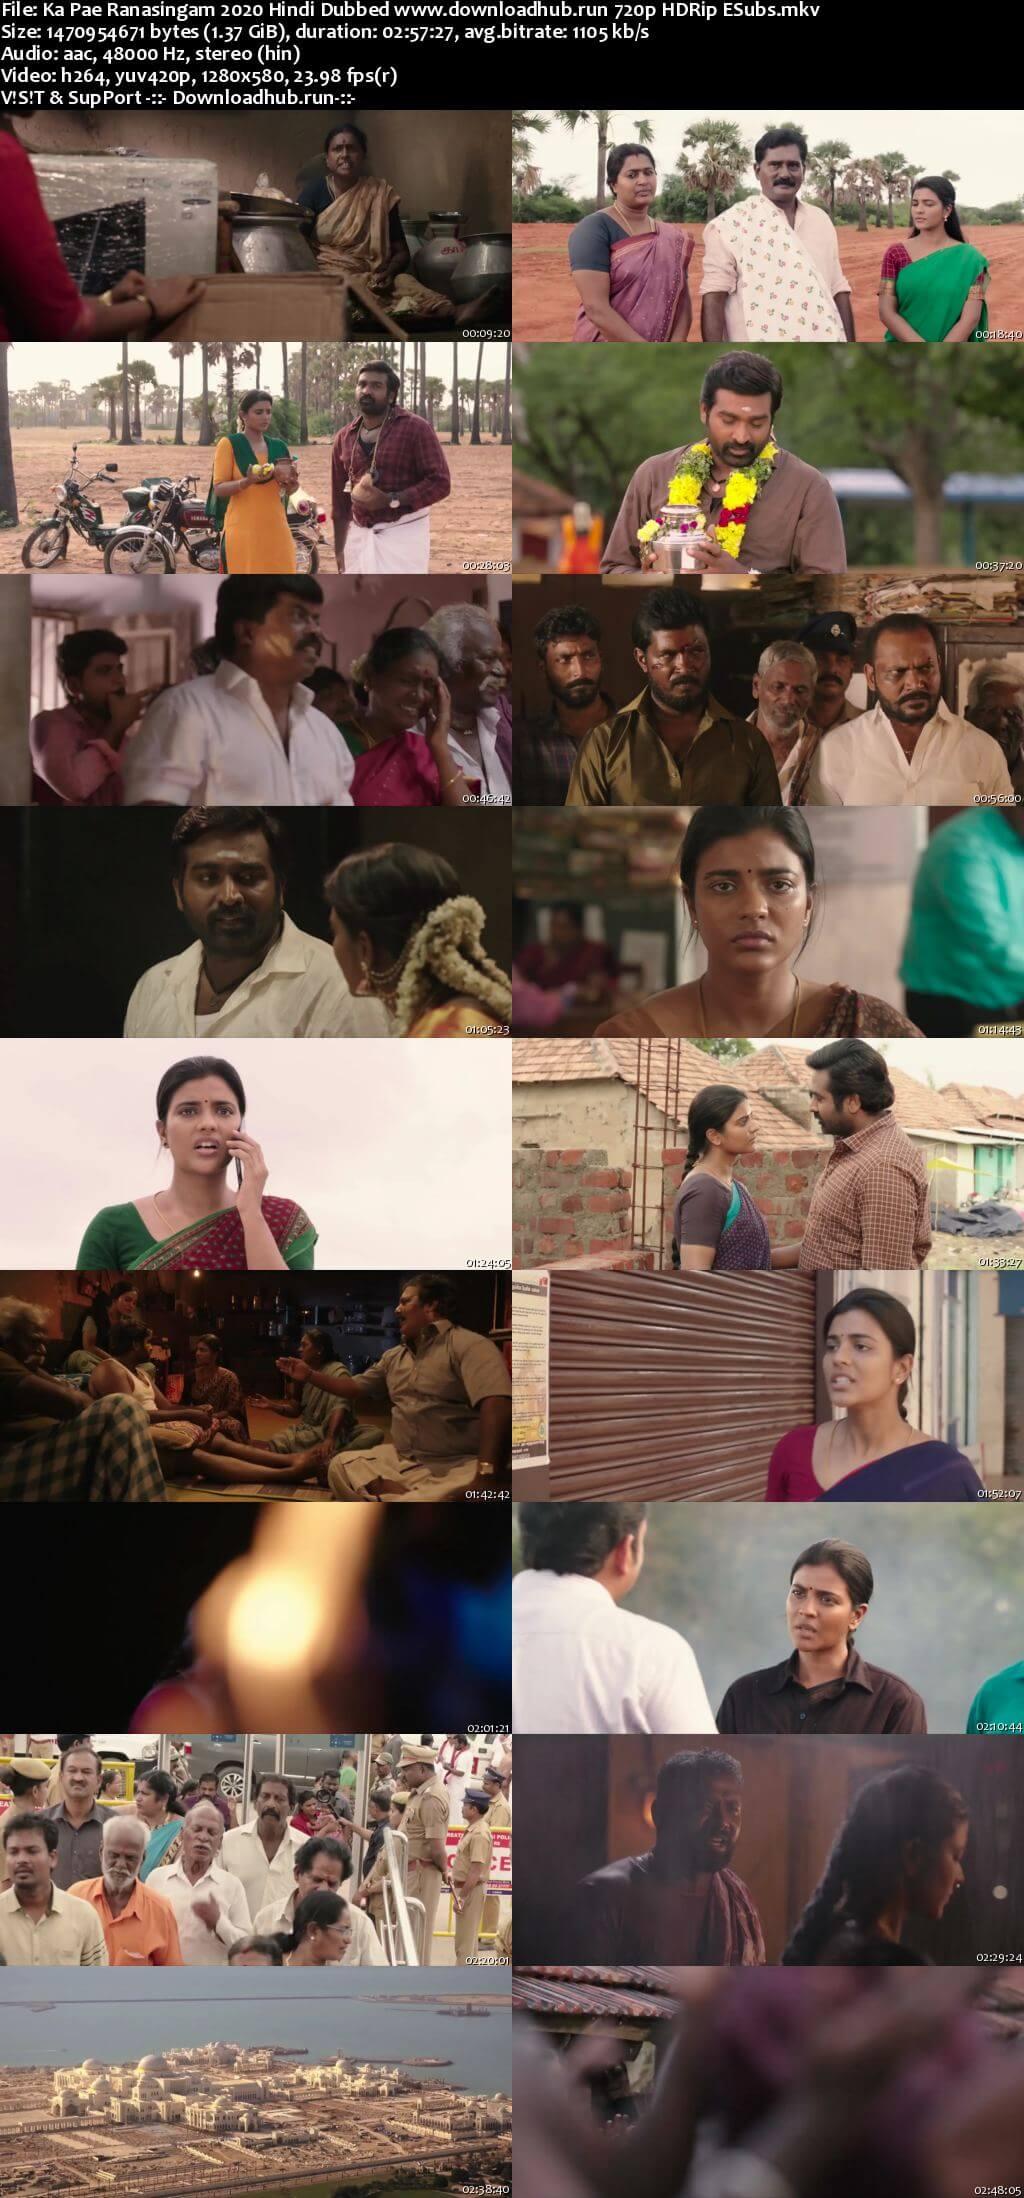 Ka Pae Ranasingam 2020 Hindi Dubbed 720p HDRip ESubs